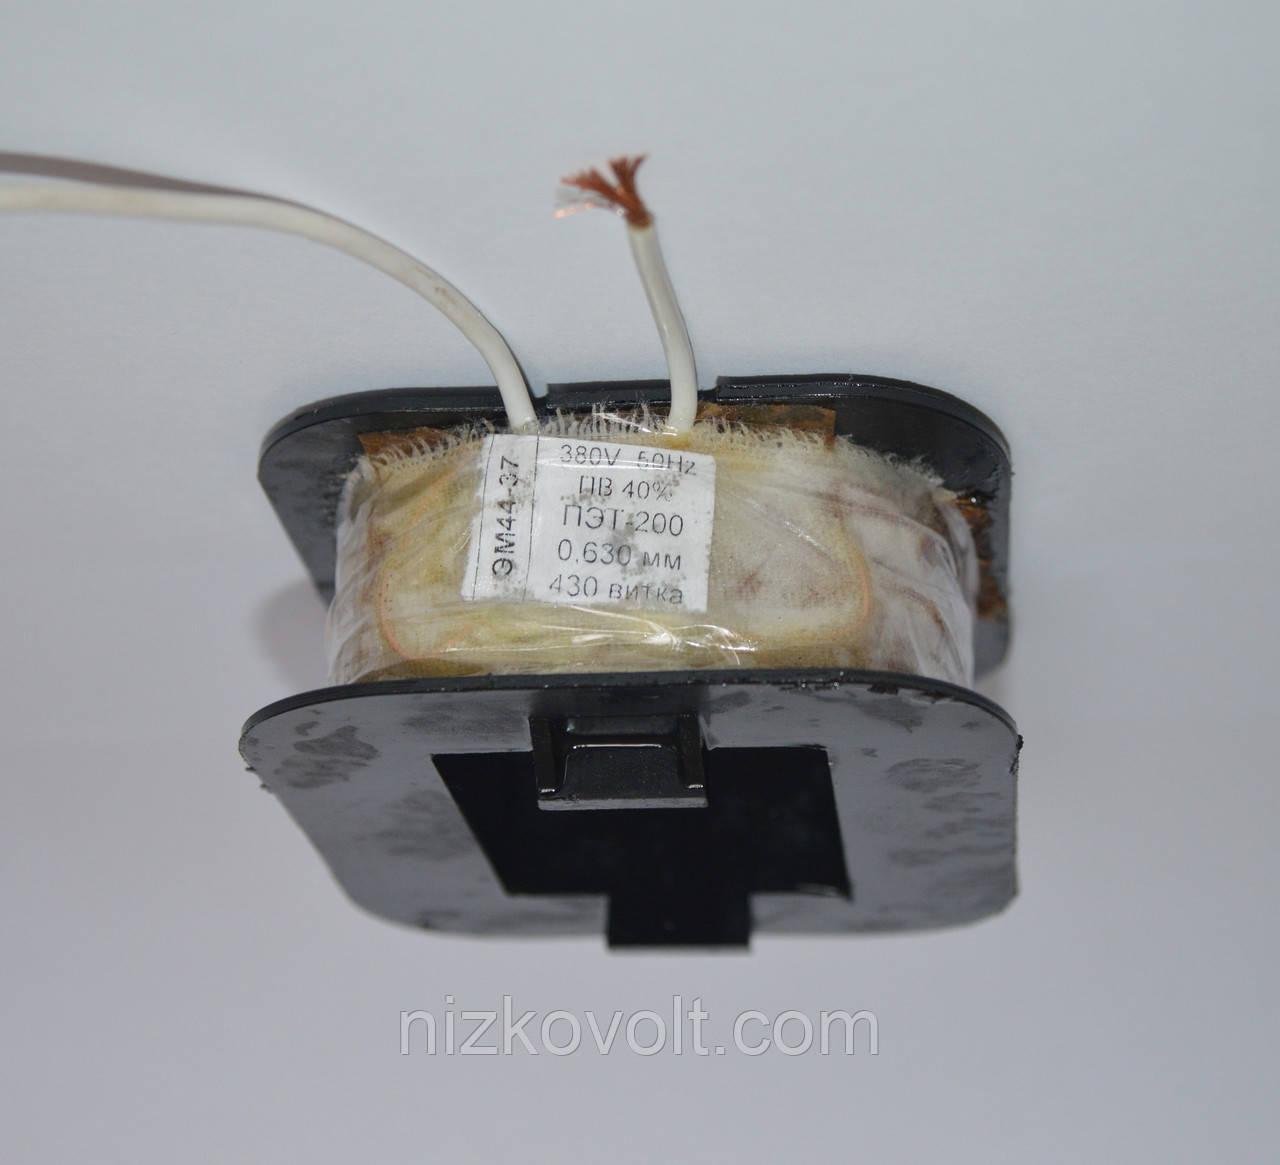 Катушки к электромагнитам ЭМ 33-4 (ЭМИС 1100/1200), ЭМ 33-5 (ЭМИС 3100/3200), ЭМ 44-37